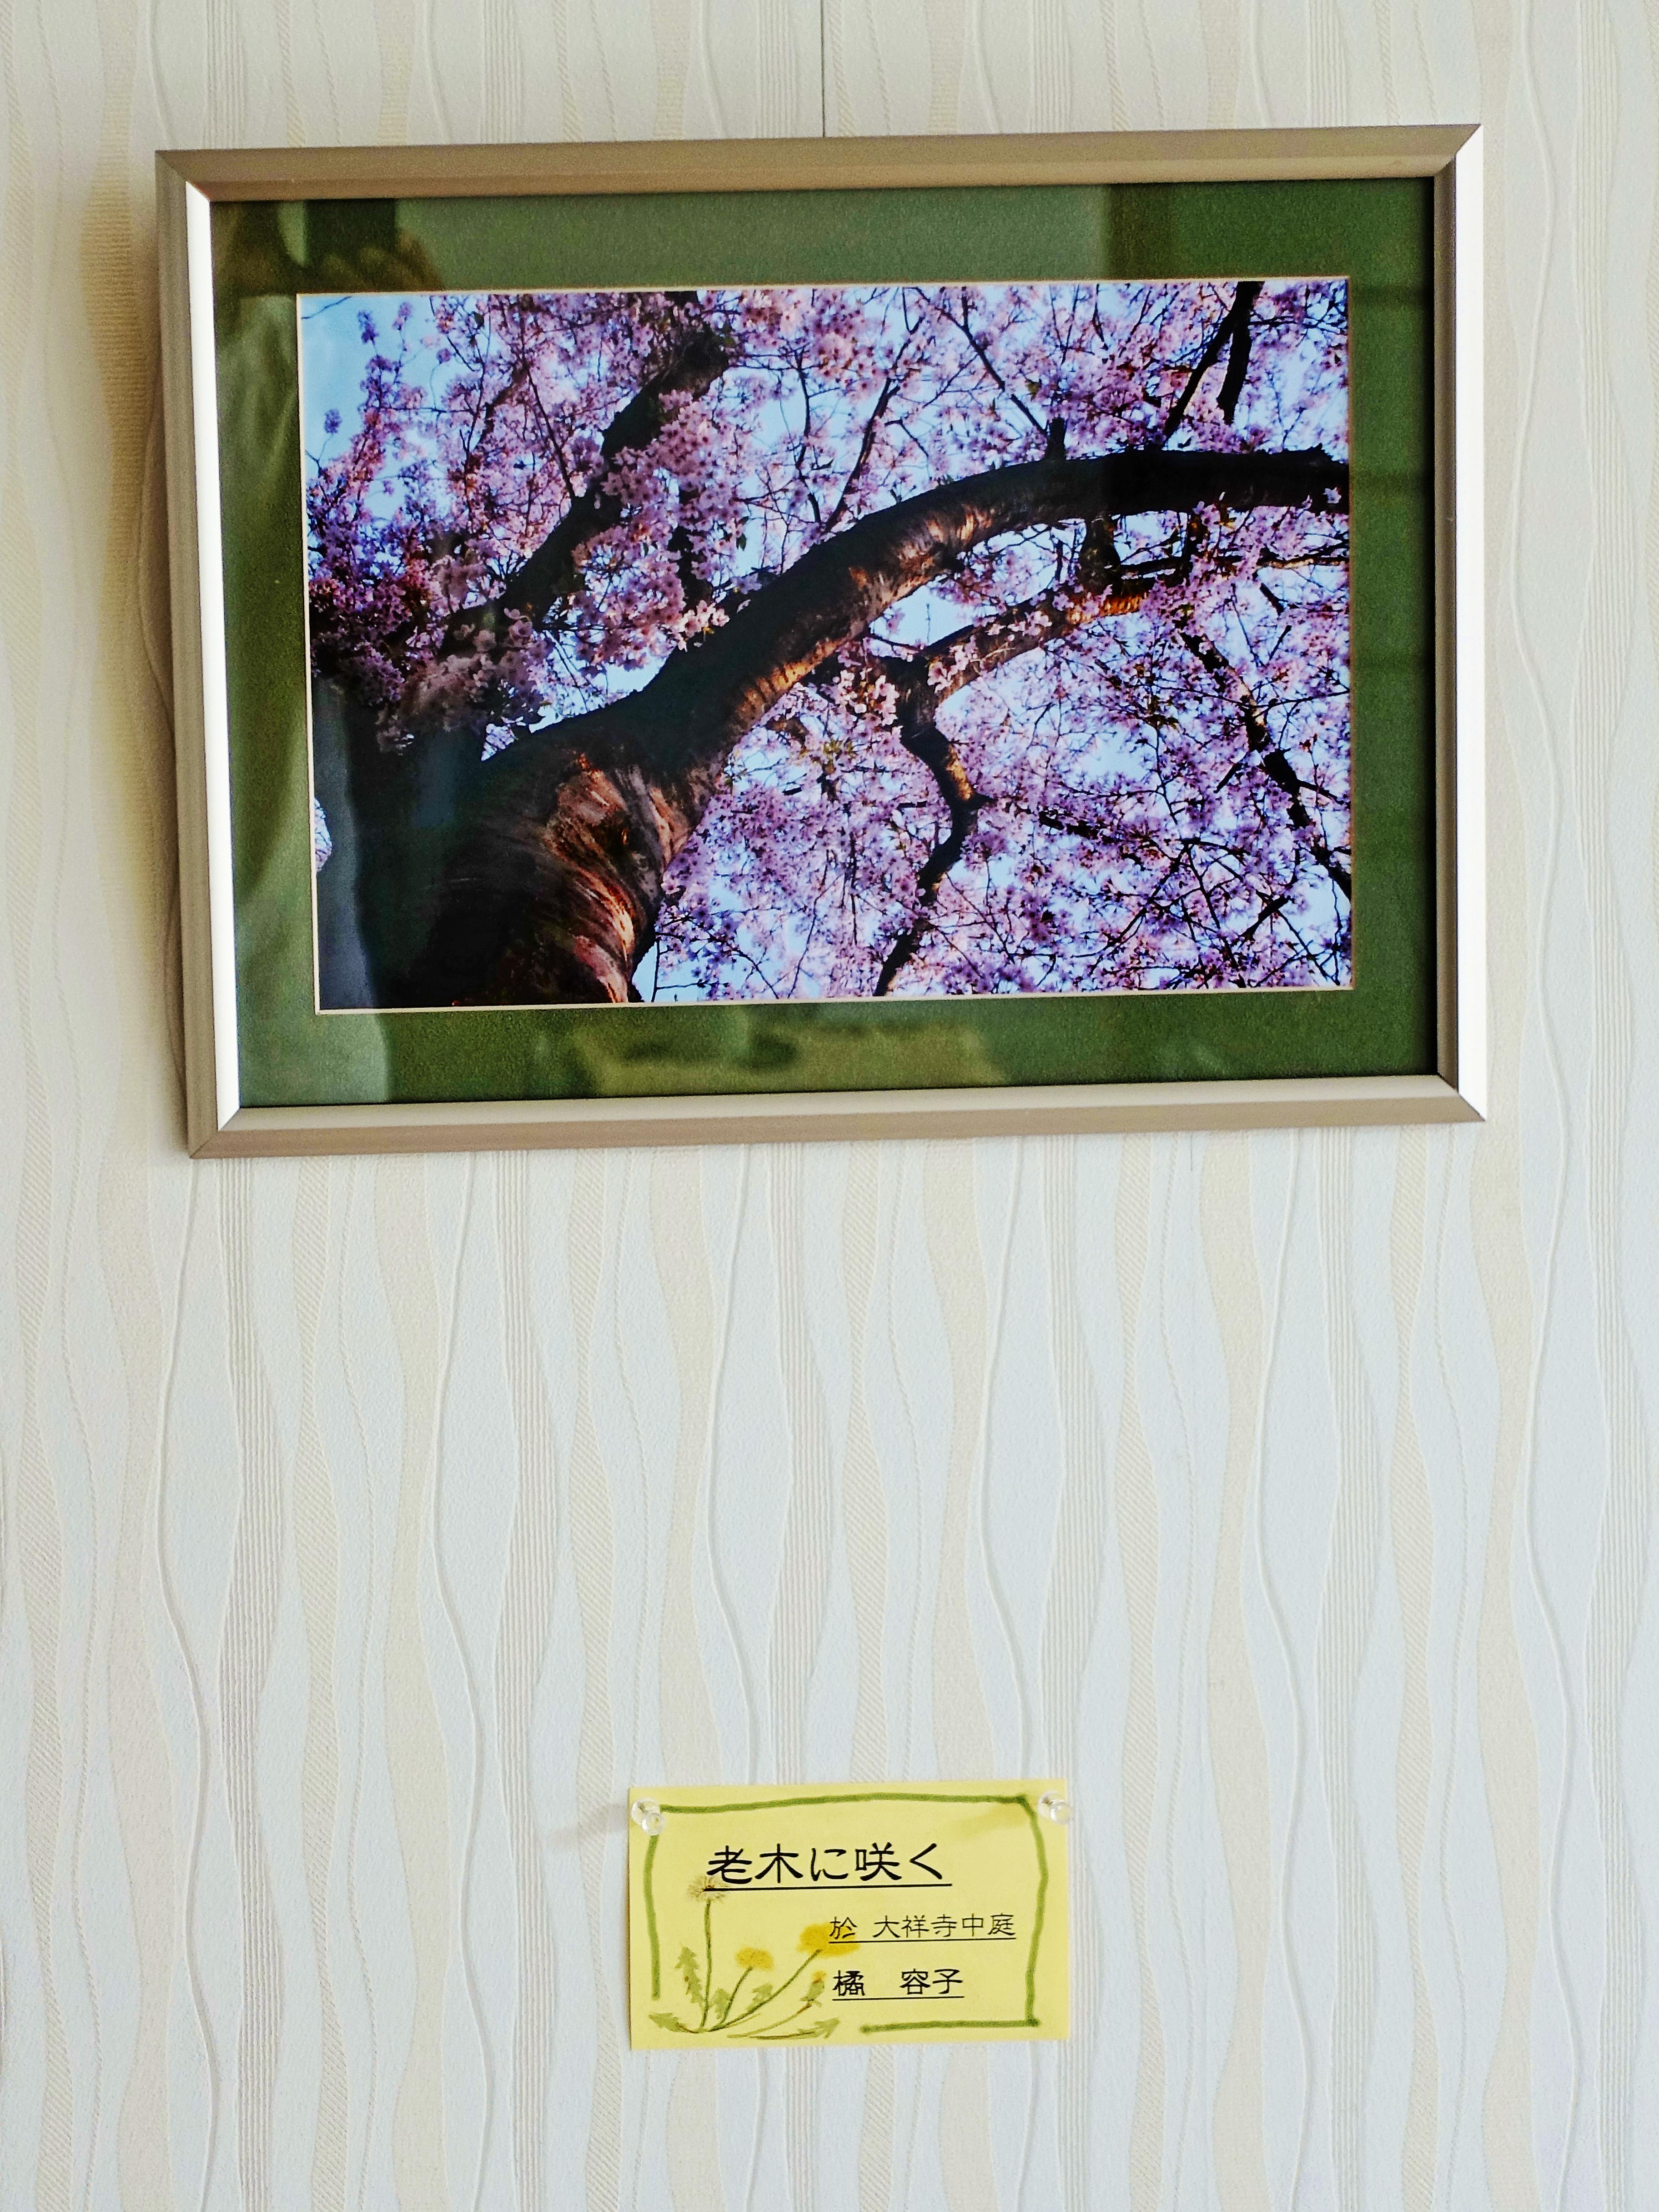 老木に咲く